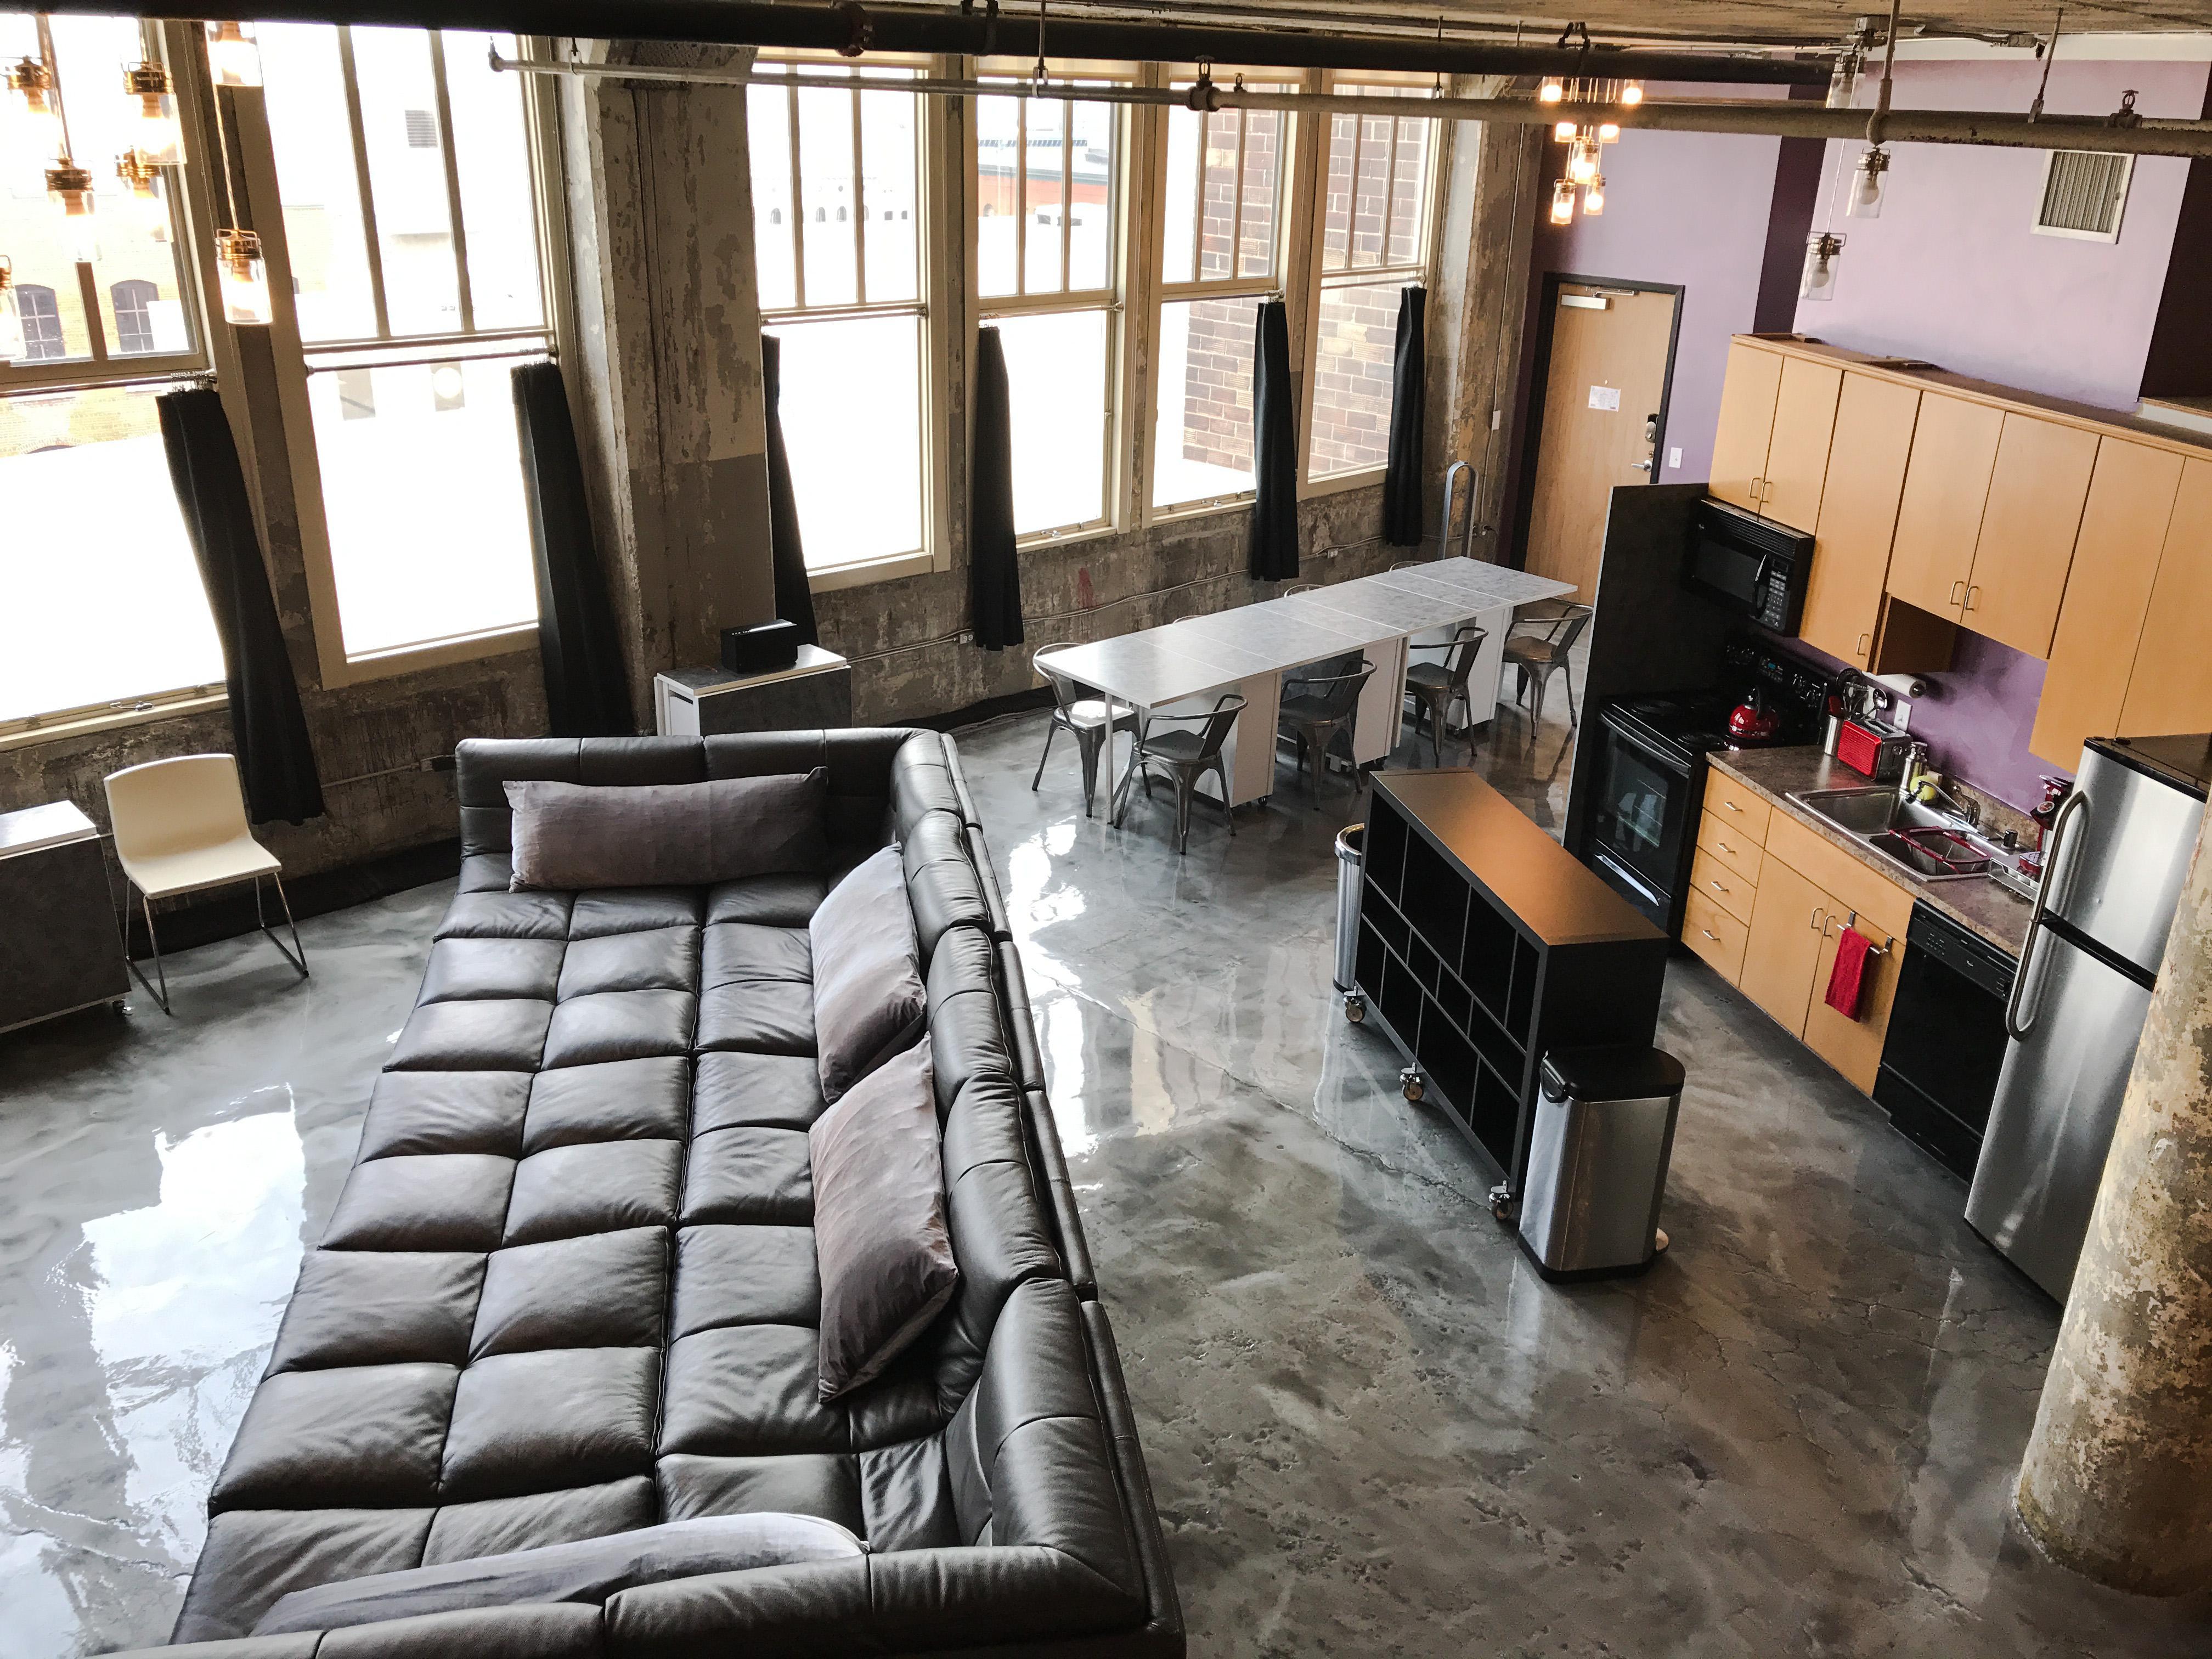 Loft Reverie Hotel 704 - Cloud Sofa + Kitchen + Views